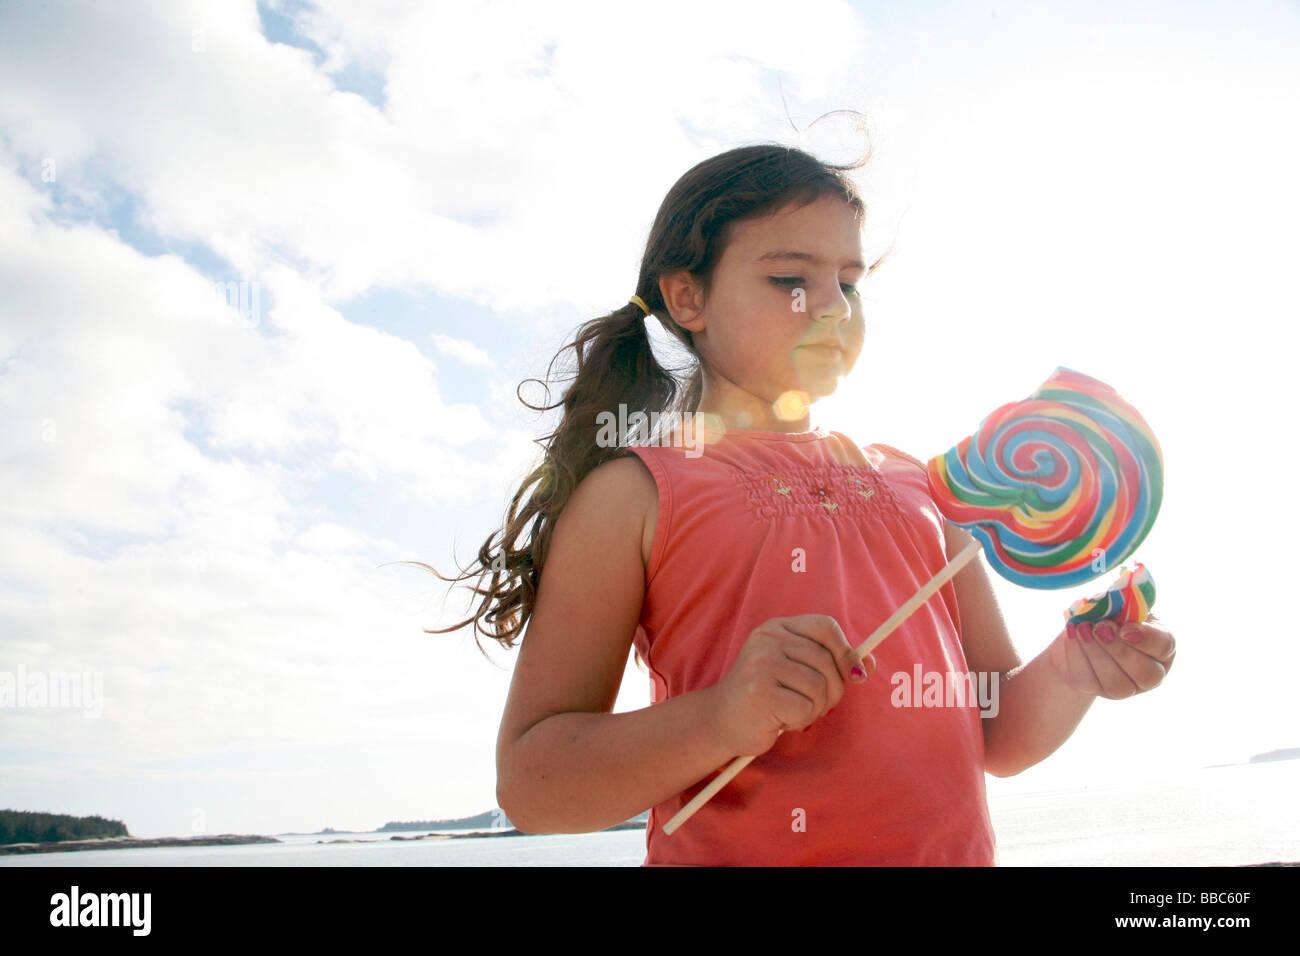 Bambina con enorme pop per lecca-lecca Immagini Stock